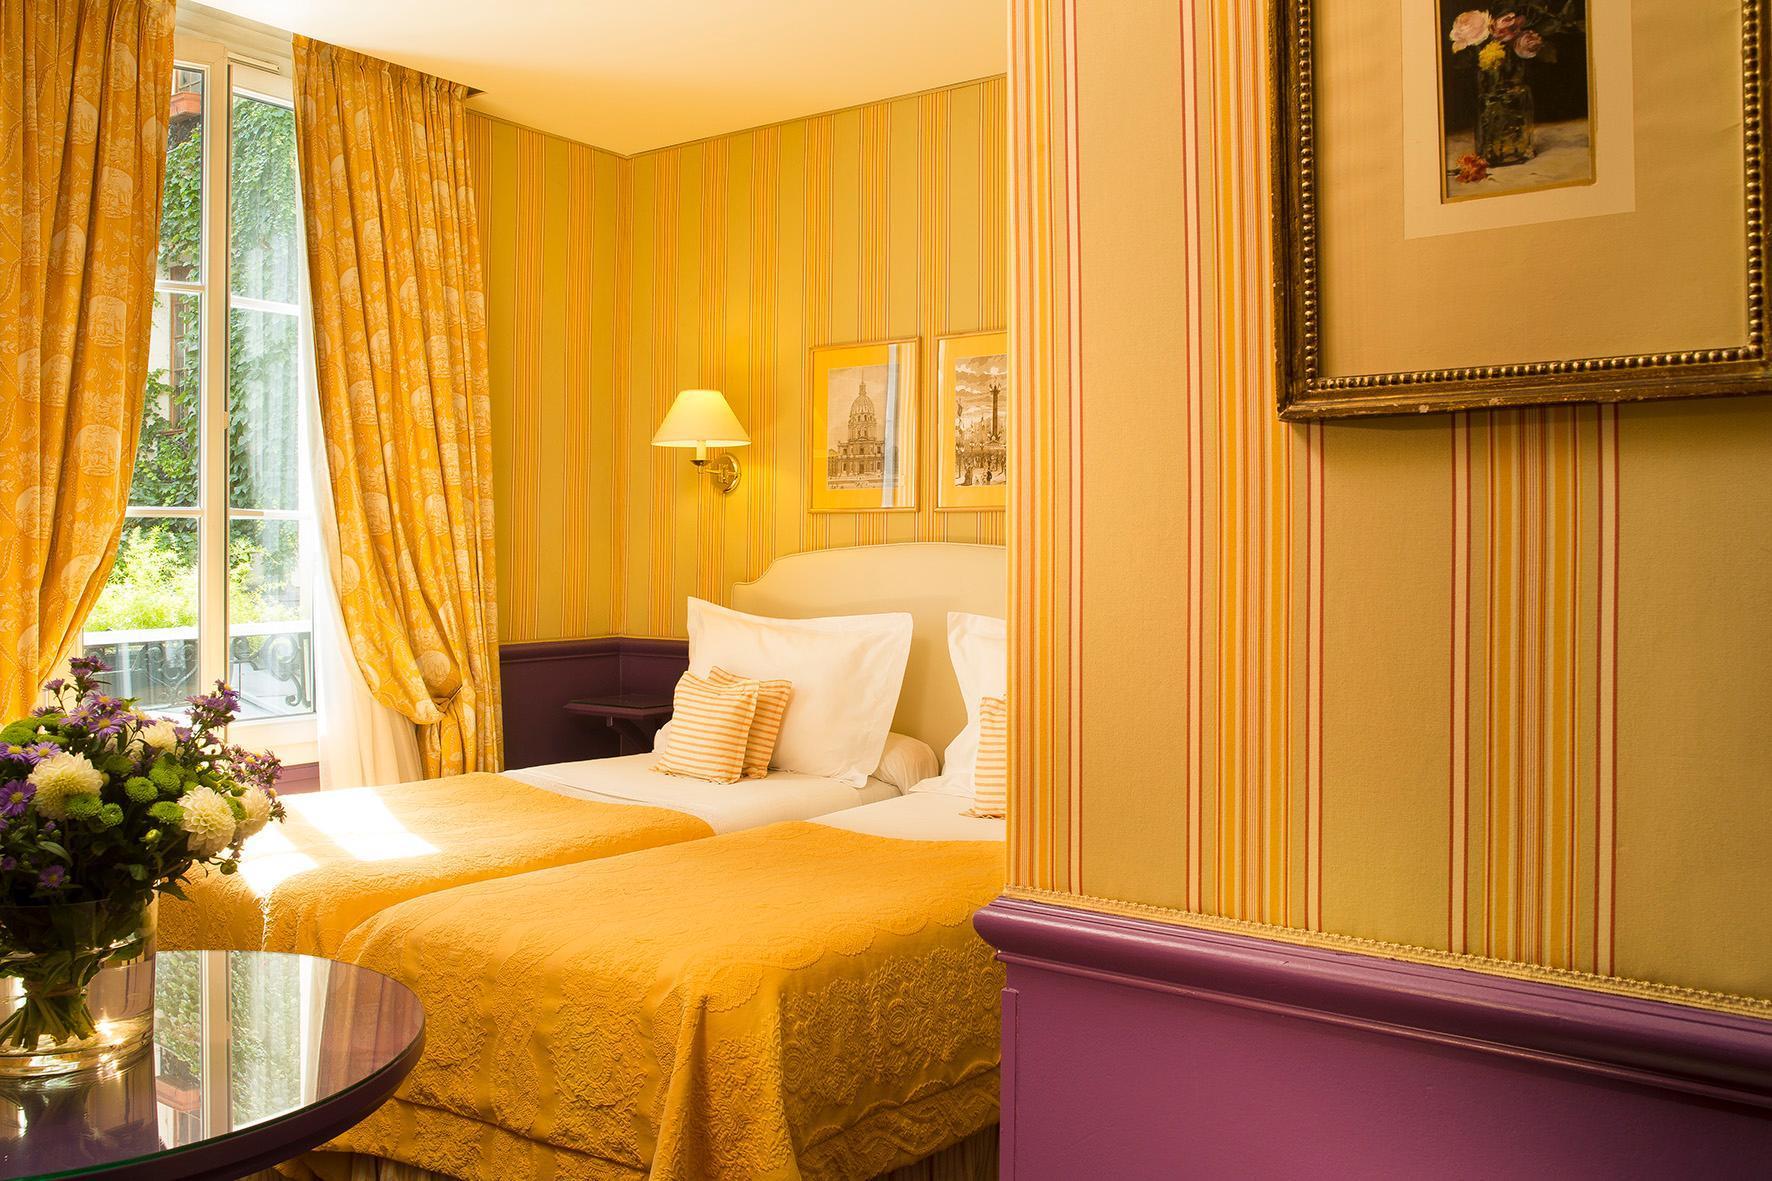 Hotel Relais Bosquet Best Price On Hotel Du Champ De Mars In Paris Reviews